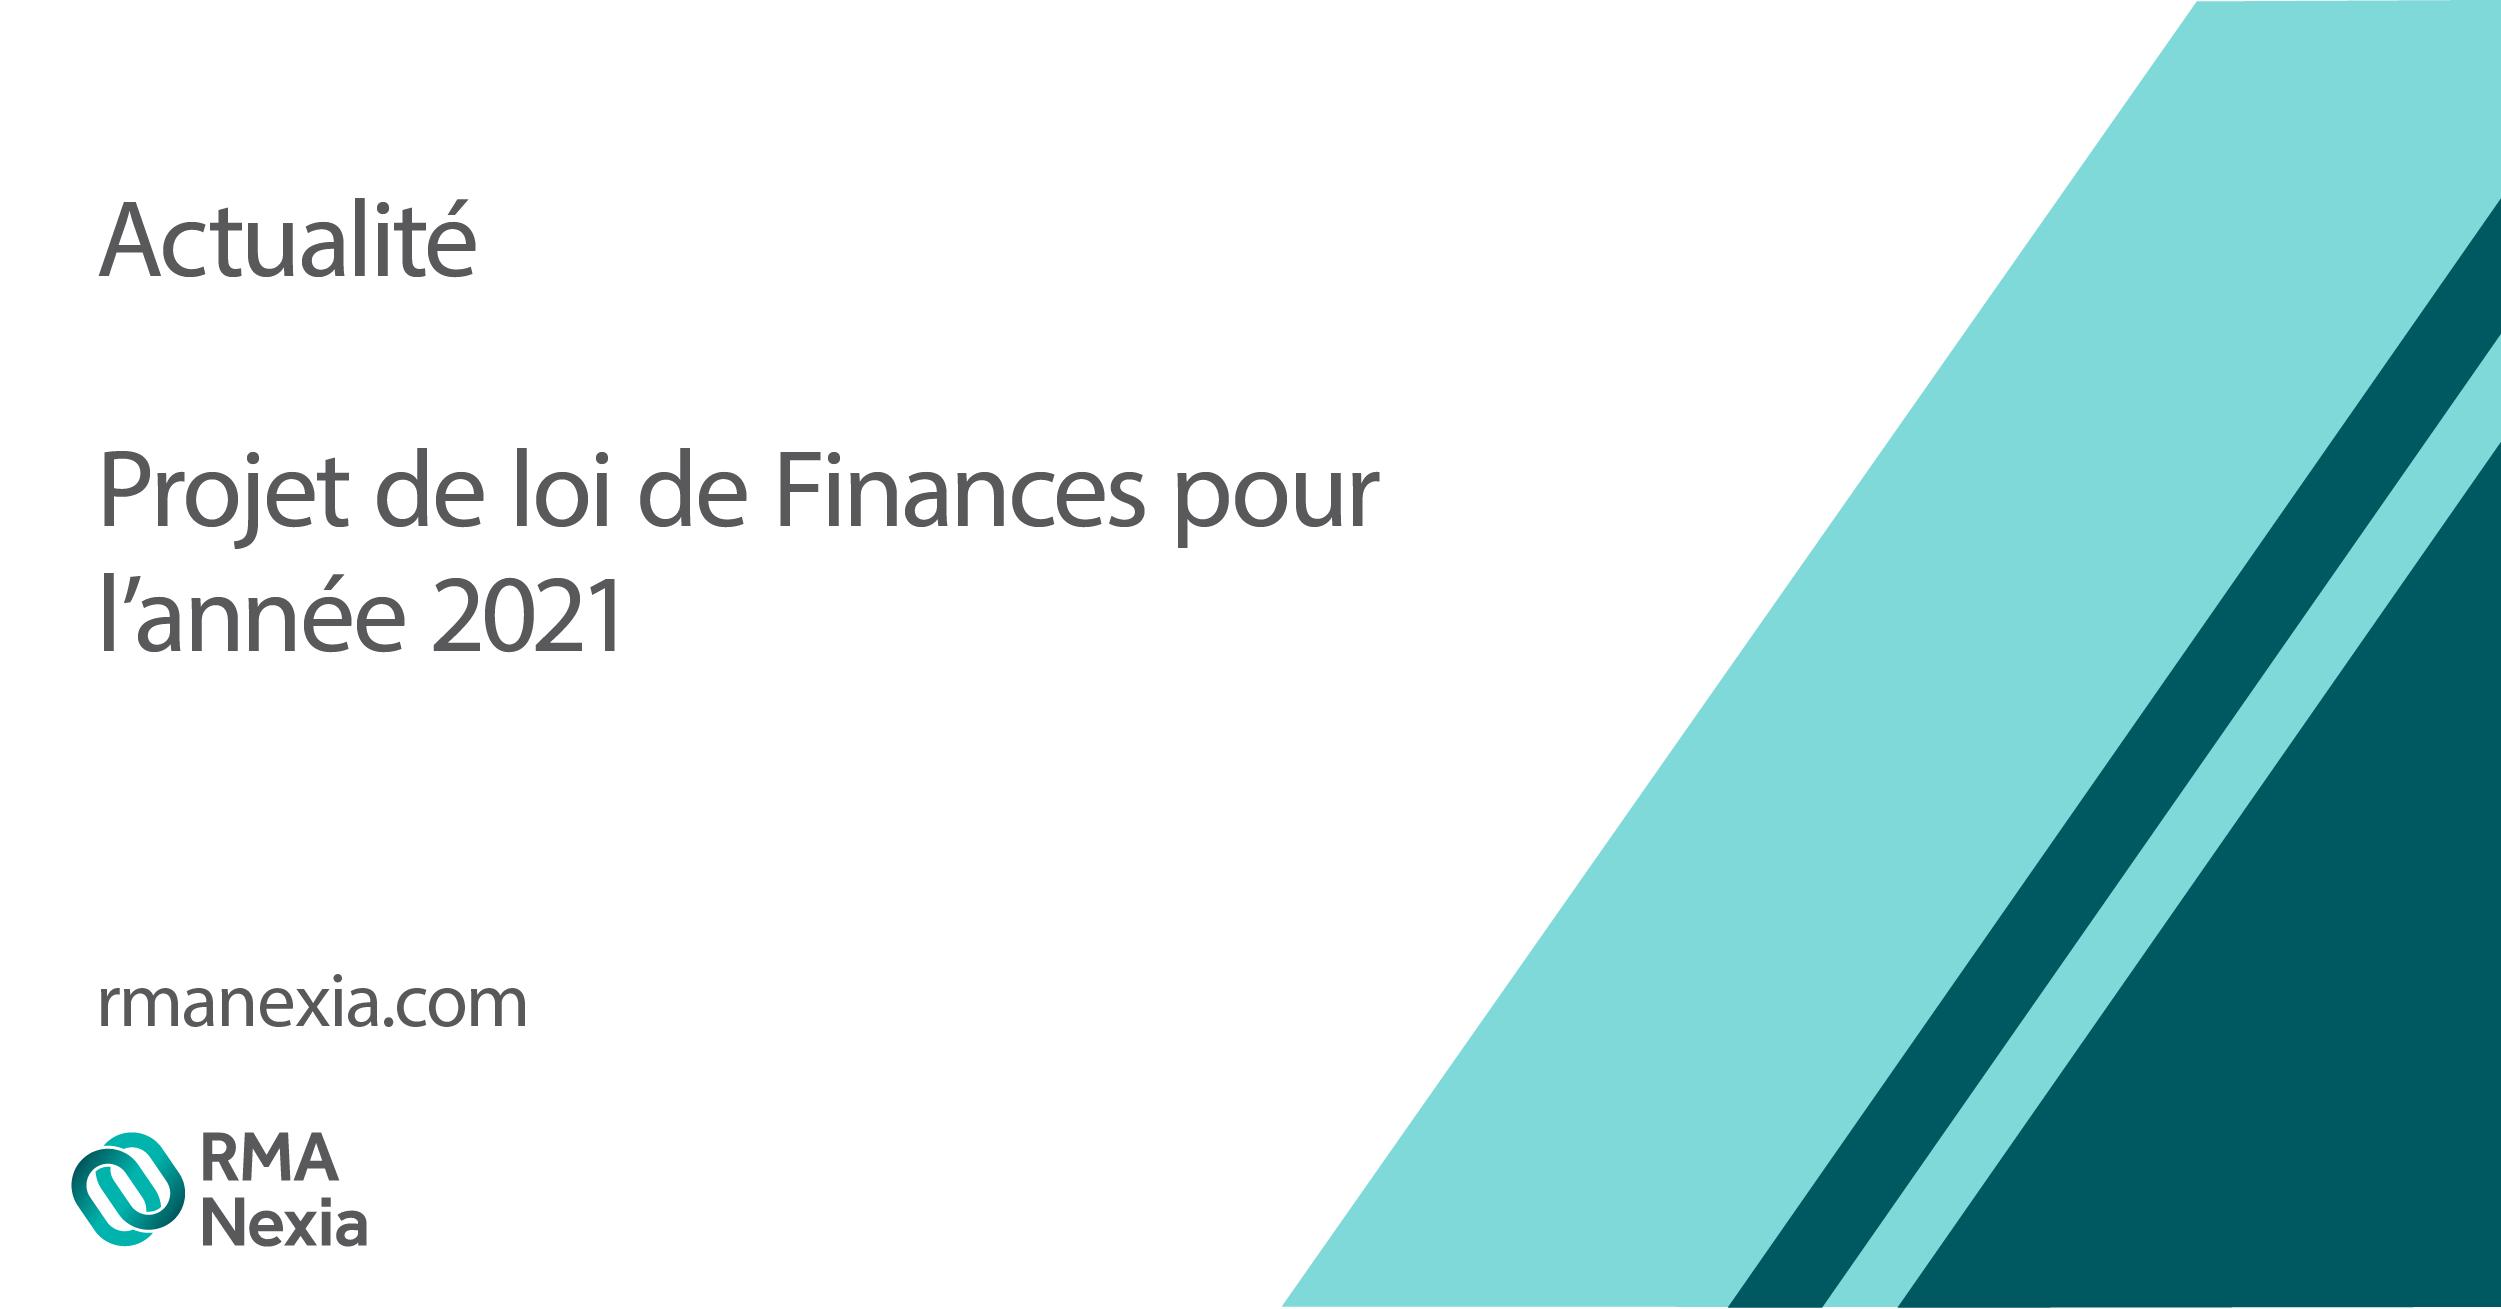 PROJET DE LOI DE FINANCES POUR L'ANNÉE 2021